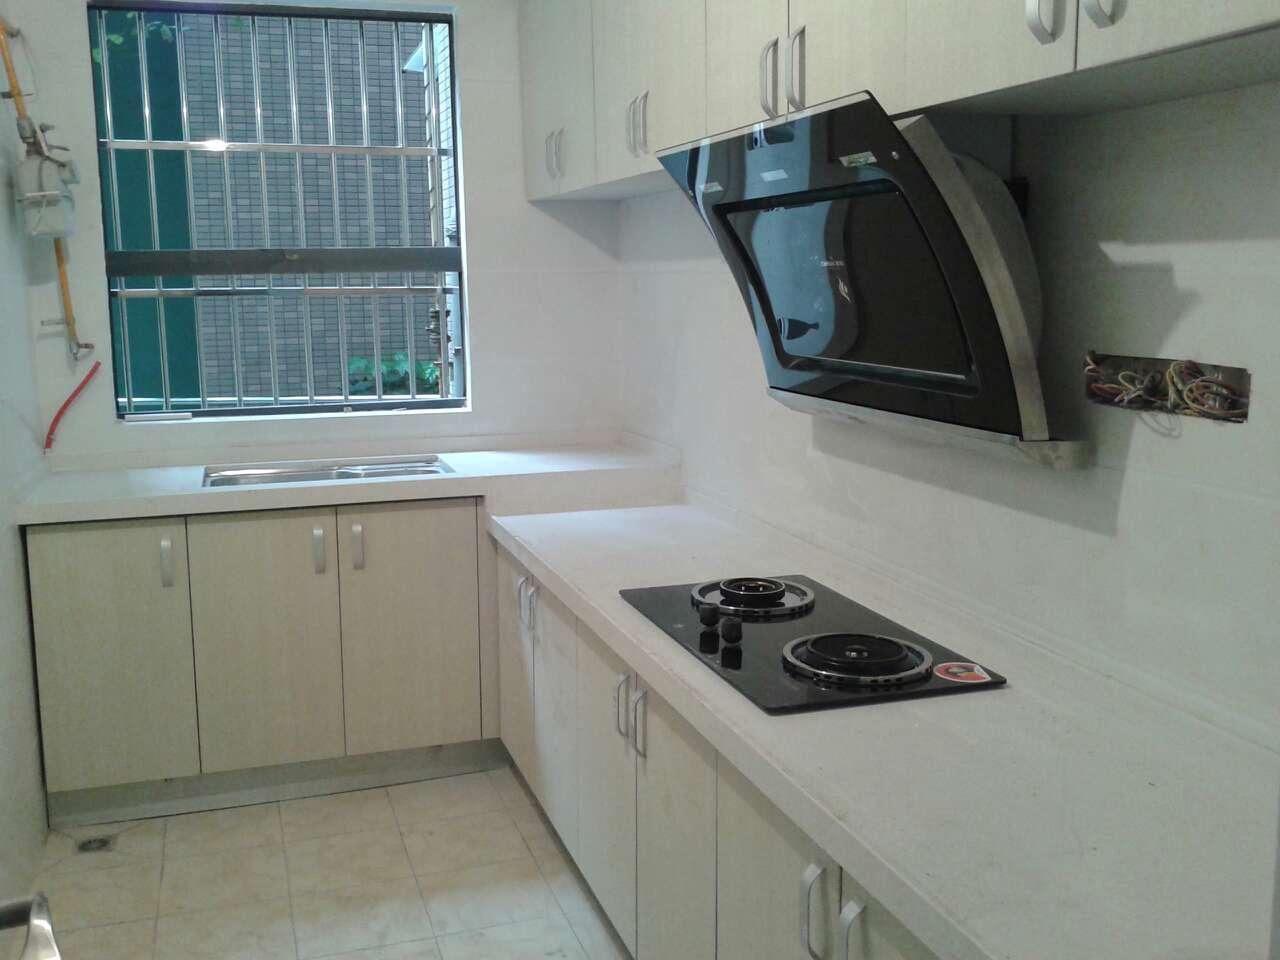 成都厨房厨柜简易整体橱柜定做定制石英石台面双饰面门板现代简约